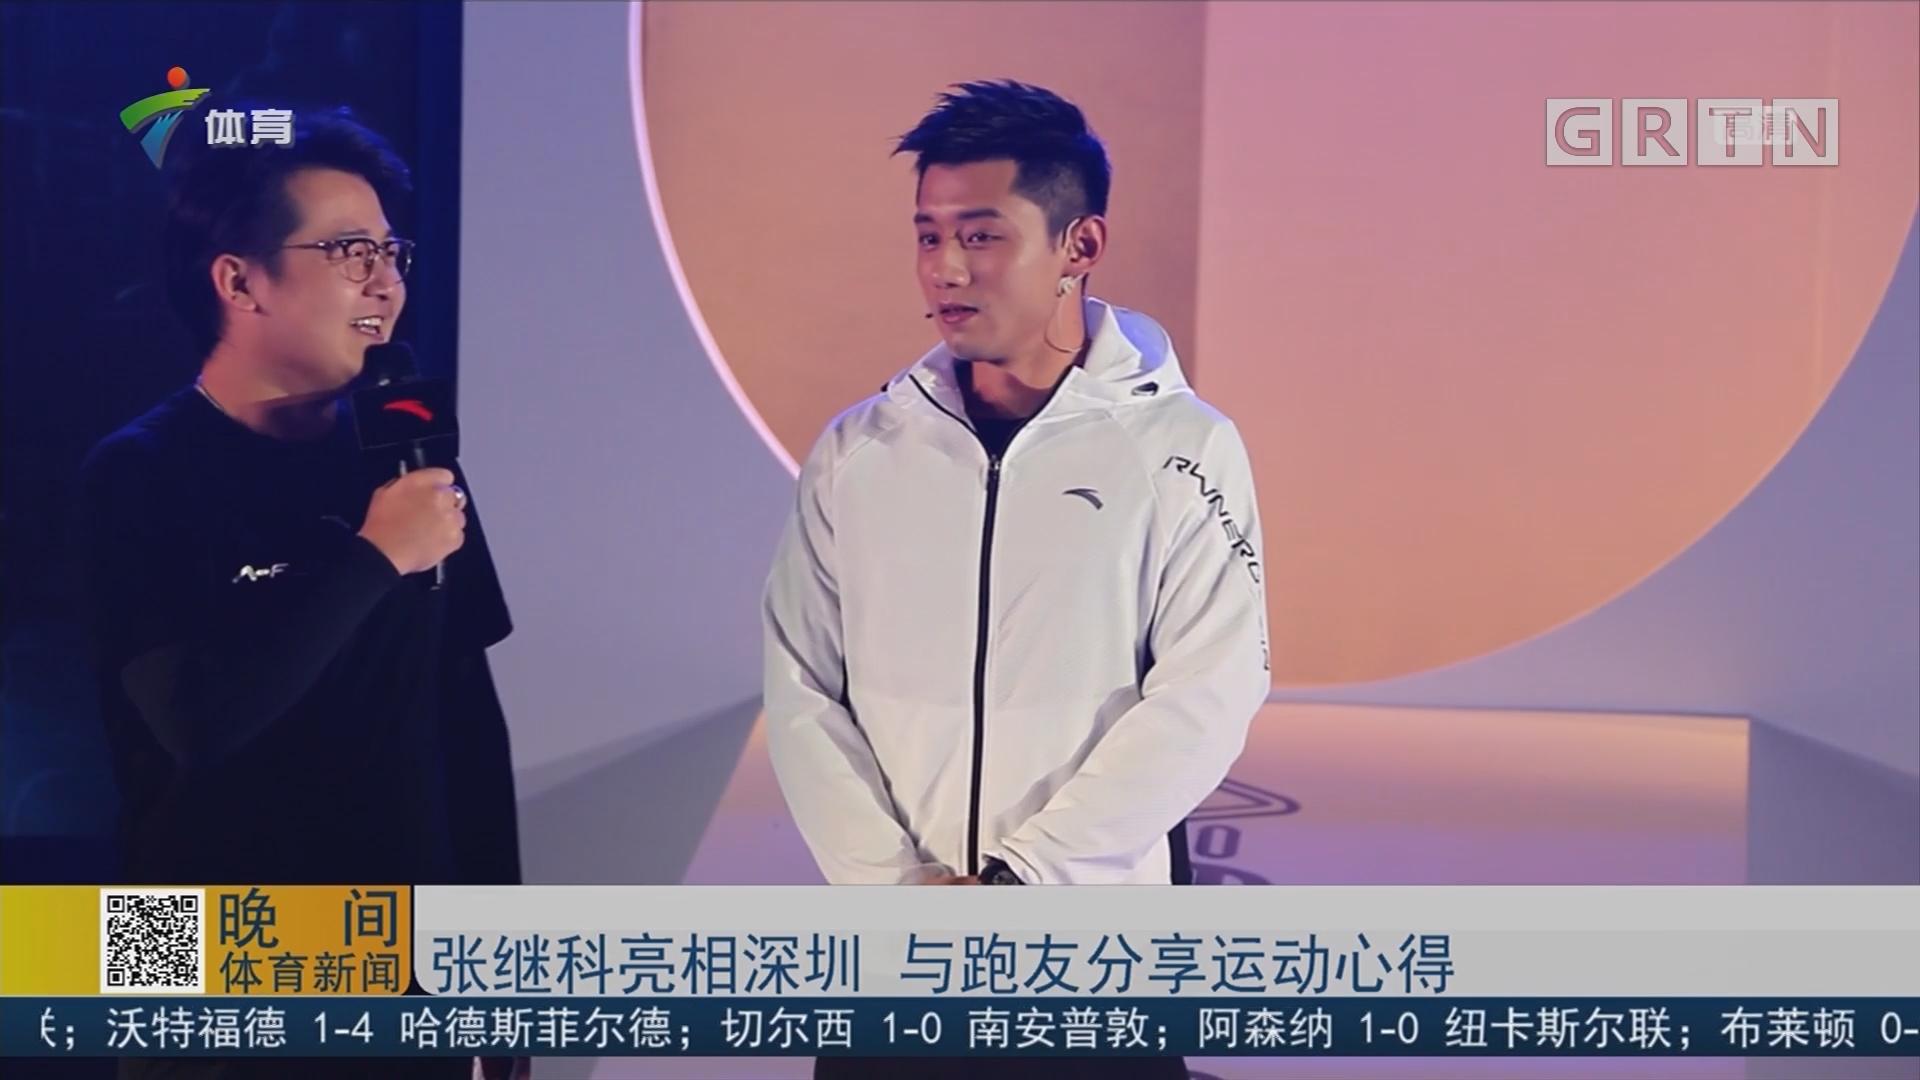 张继科亮相深圳 与跑友分享运动心得